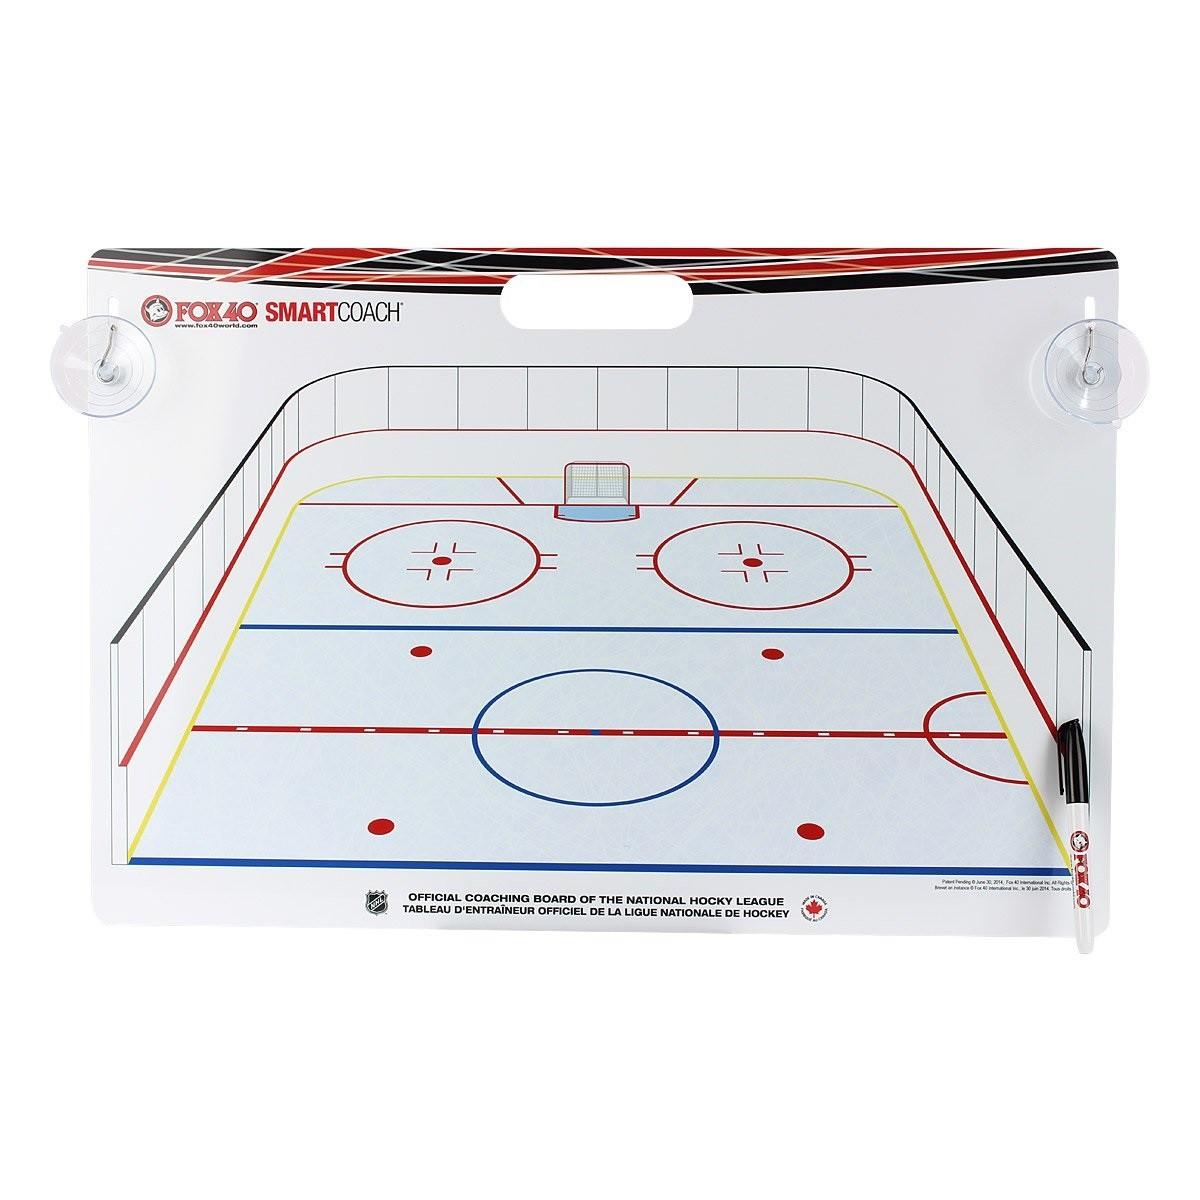 FOX 40 Deluxe Pro Clipboard + Rigid Kit International Hockey Coaching Board